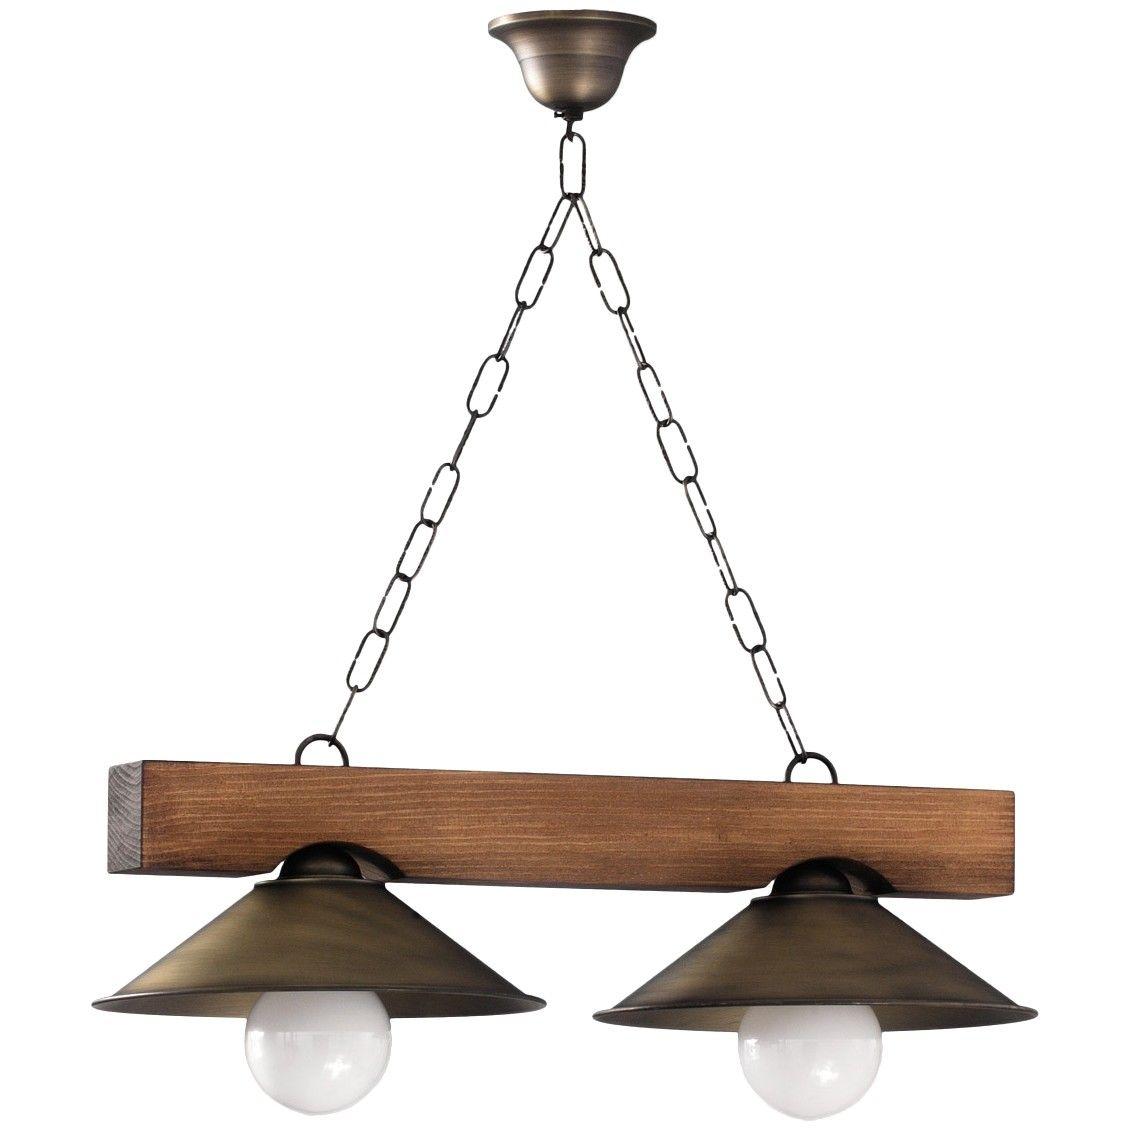 L mpara de techo r stica viga de madera 2 luces - Lamparas para cocinas rusticas ...